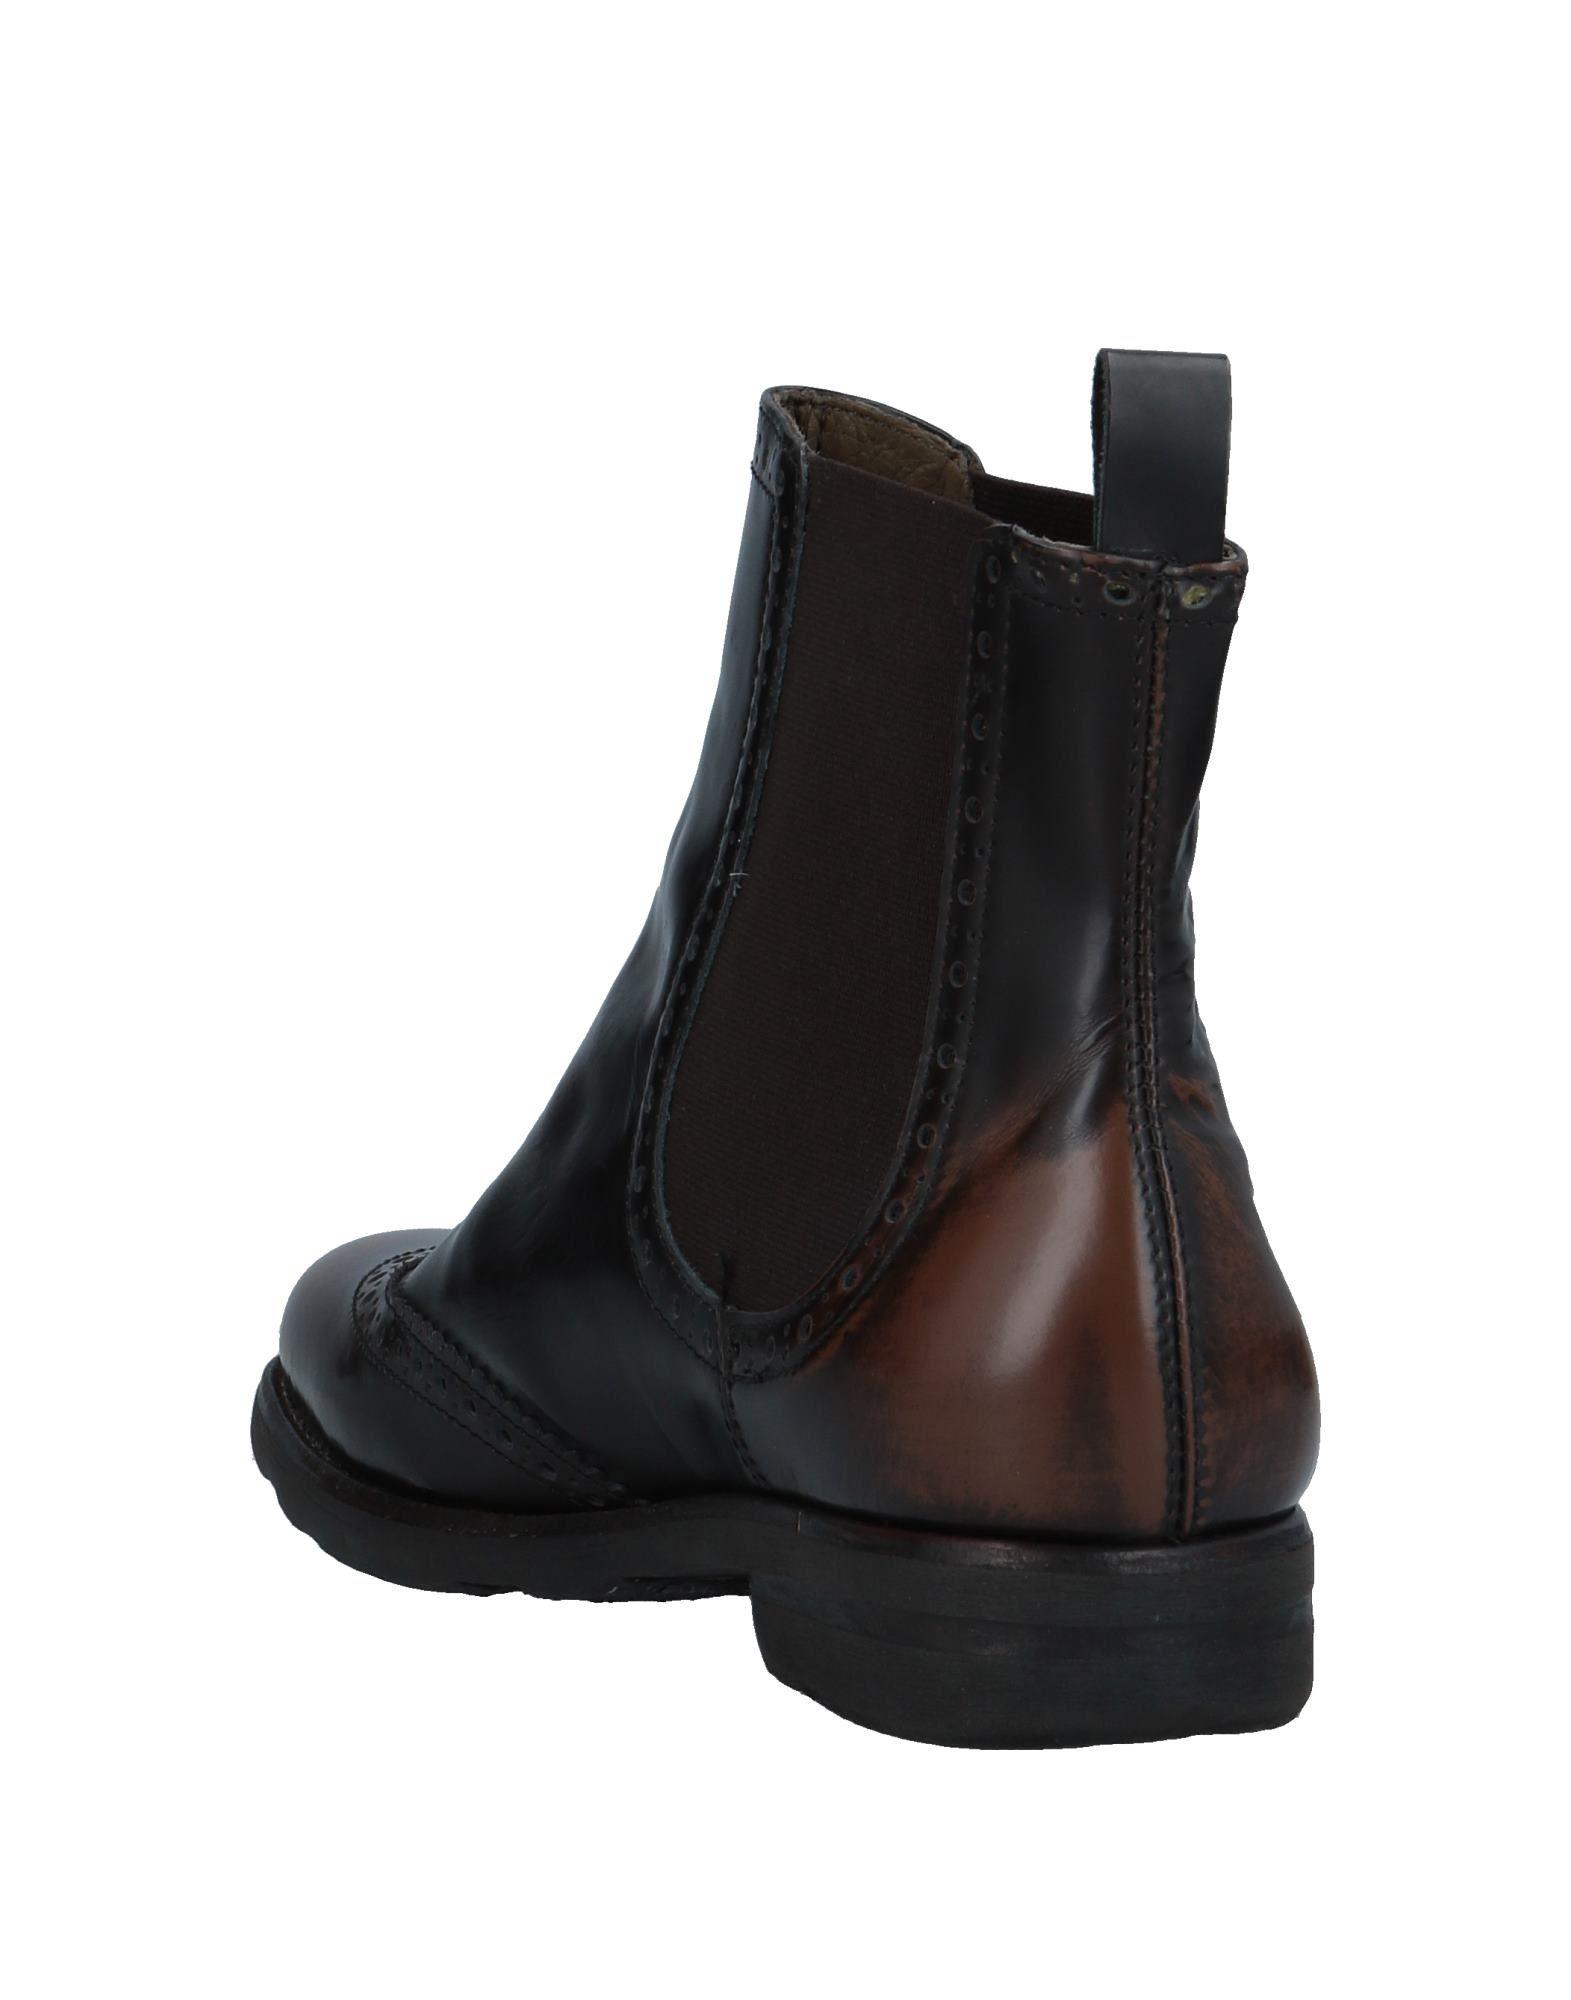 Catarina Gutes Martins Chelsea Boots Damen Gutes Catarina Preis-Leistungs-Verhältnis, es lohnt sich,Sonderangebot-2850 aafcd2